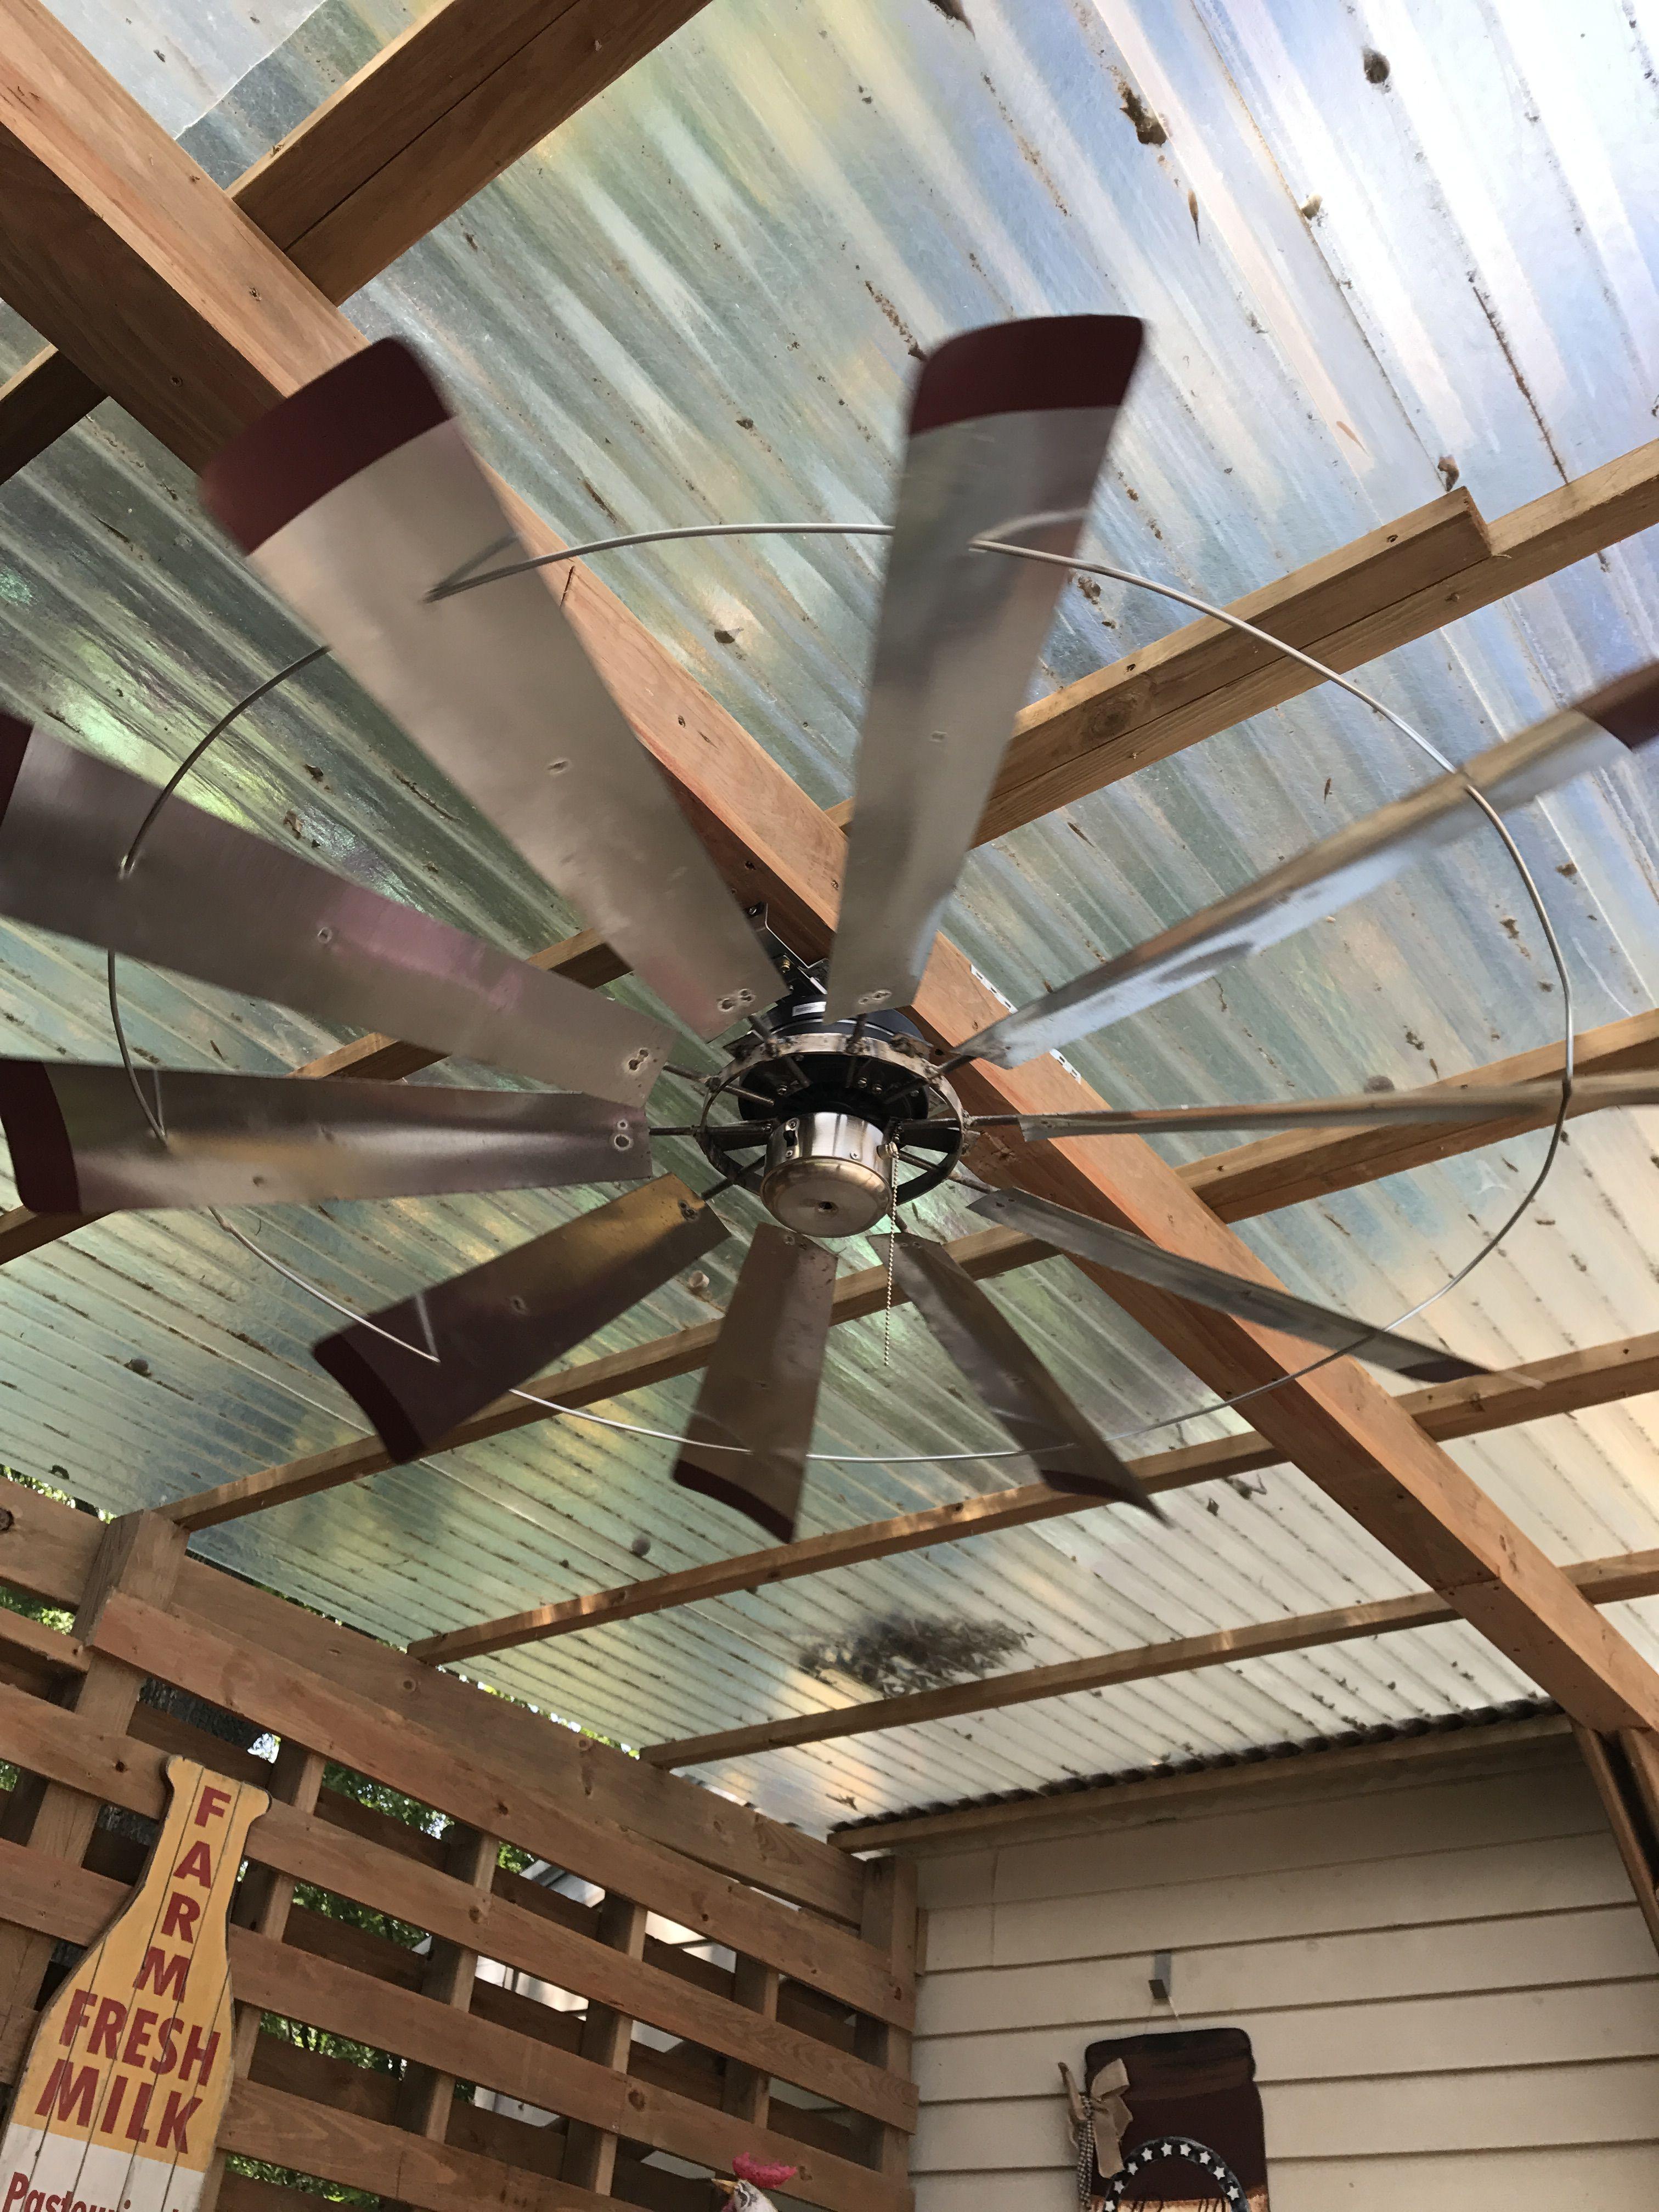 Windmill ceiling fan Rustiq rooster